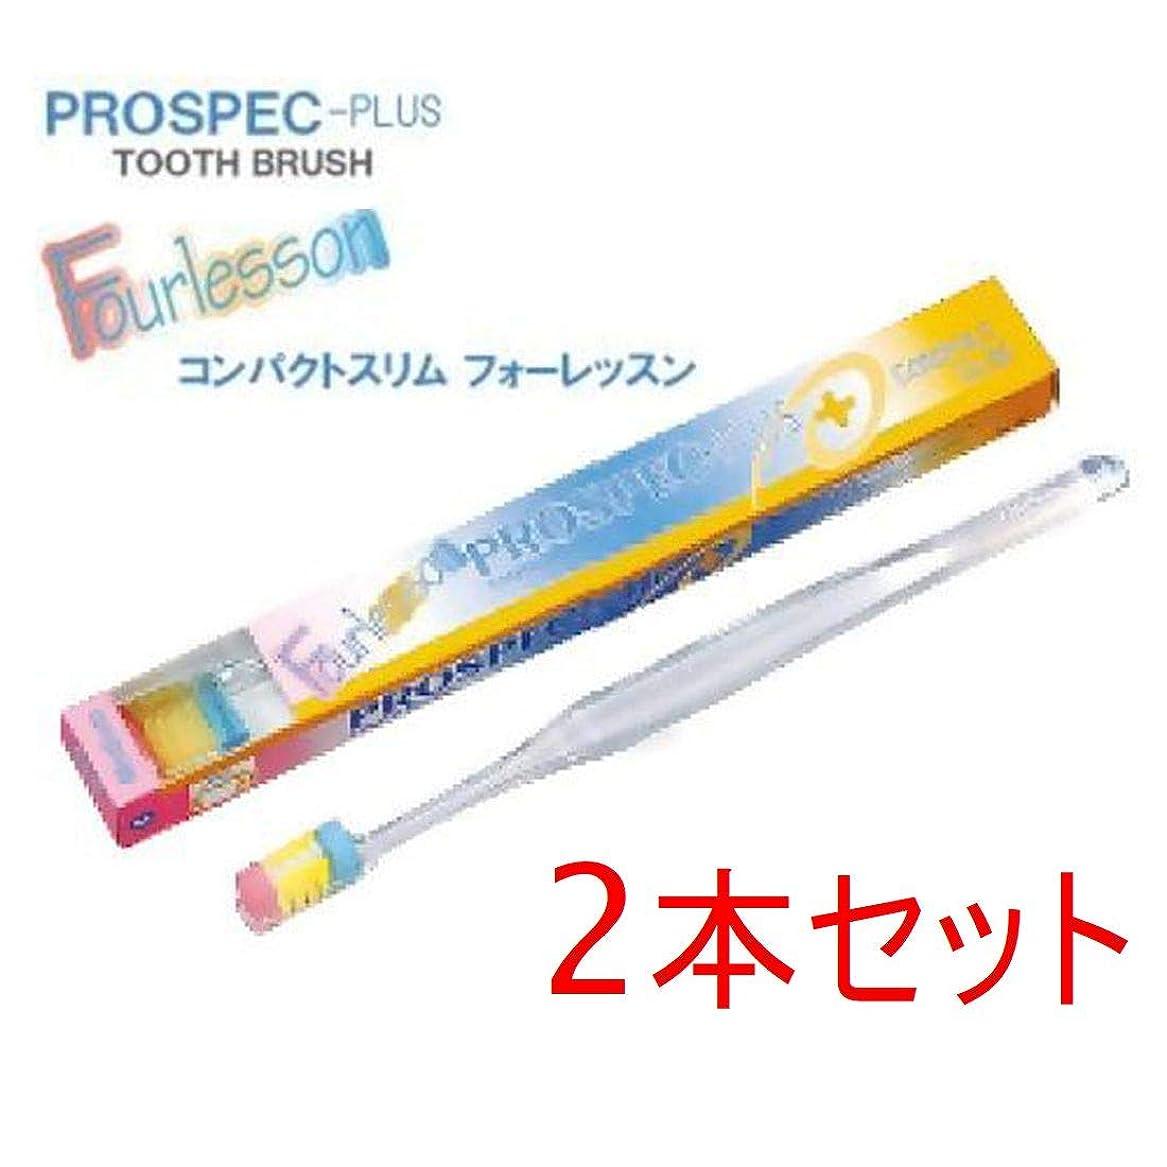 最もスキースポーツの試合を担当している人プロスペック 歯ブラシ コンパクトスリム 2本 フォーレッスン 毛の硬さ ふつう